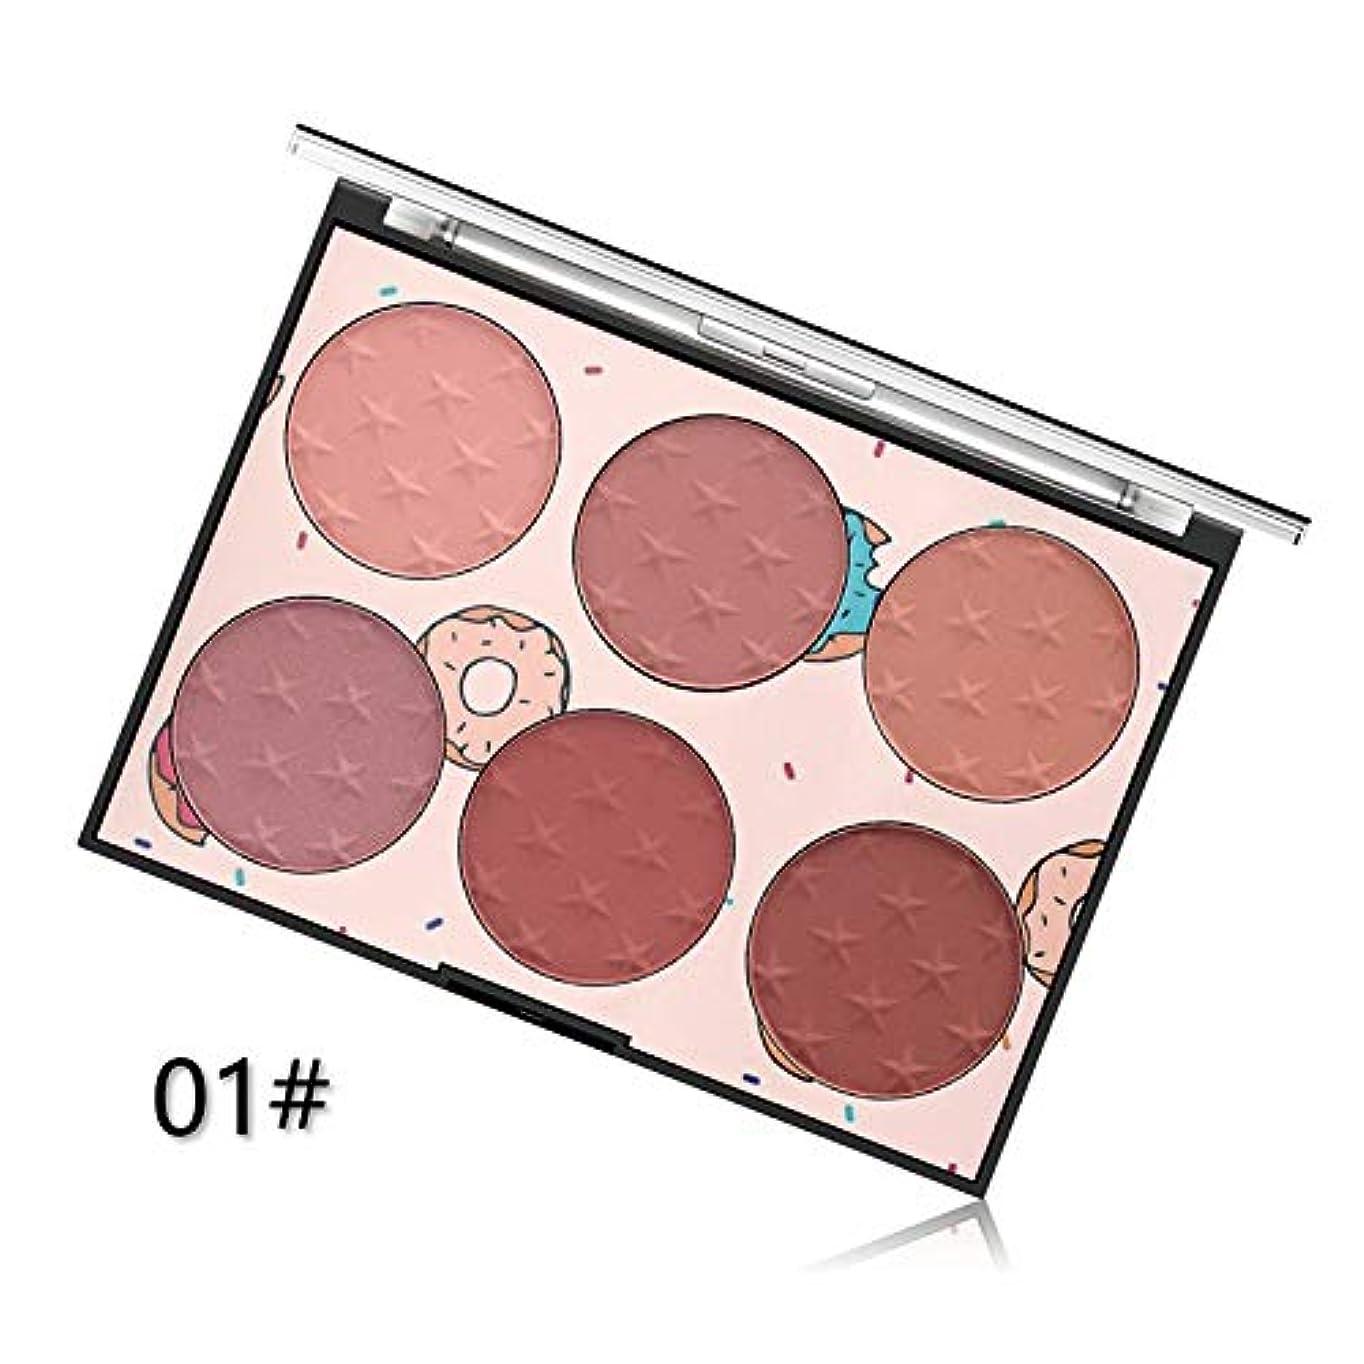 芝生許可する適応Beaurtty 6色 ブラッシュパレット ナチュラル ロングラスティング 肌にやさしい 化粧品 (N01)